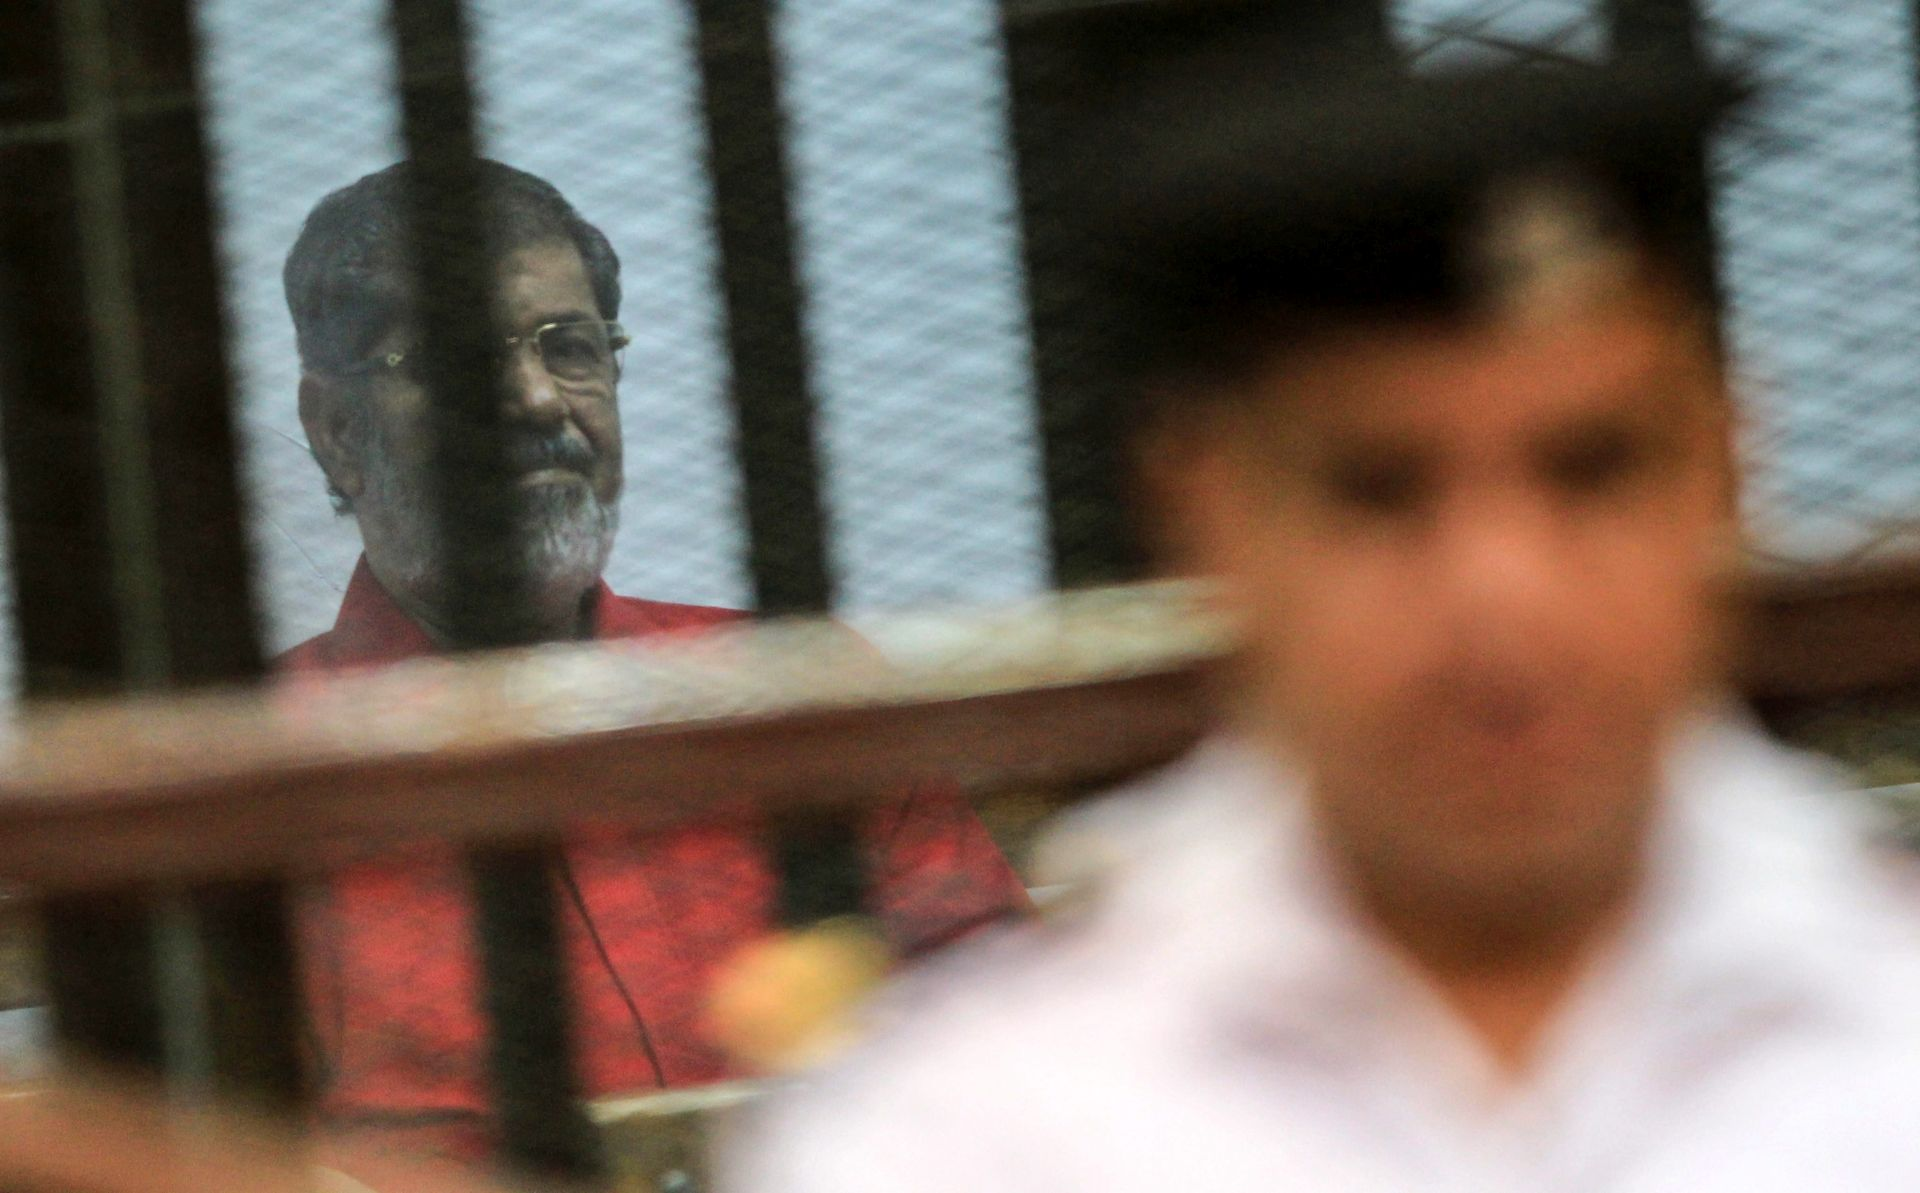 Visoki egipatski žalbeni sud potvrdio kaznu i osudio Mursija na 25 godina zatvora